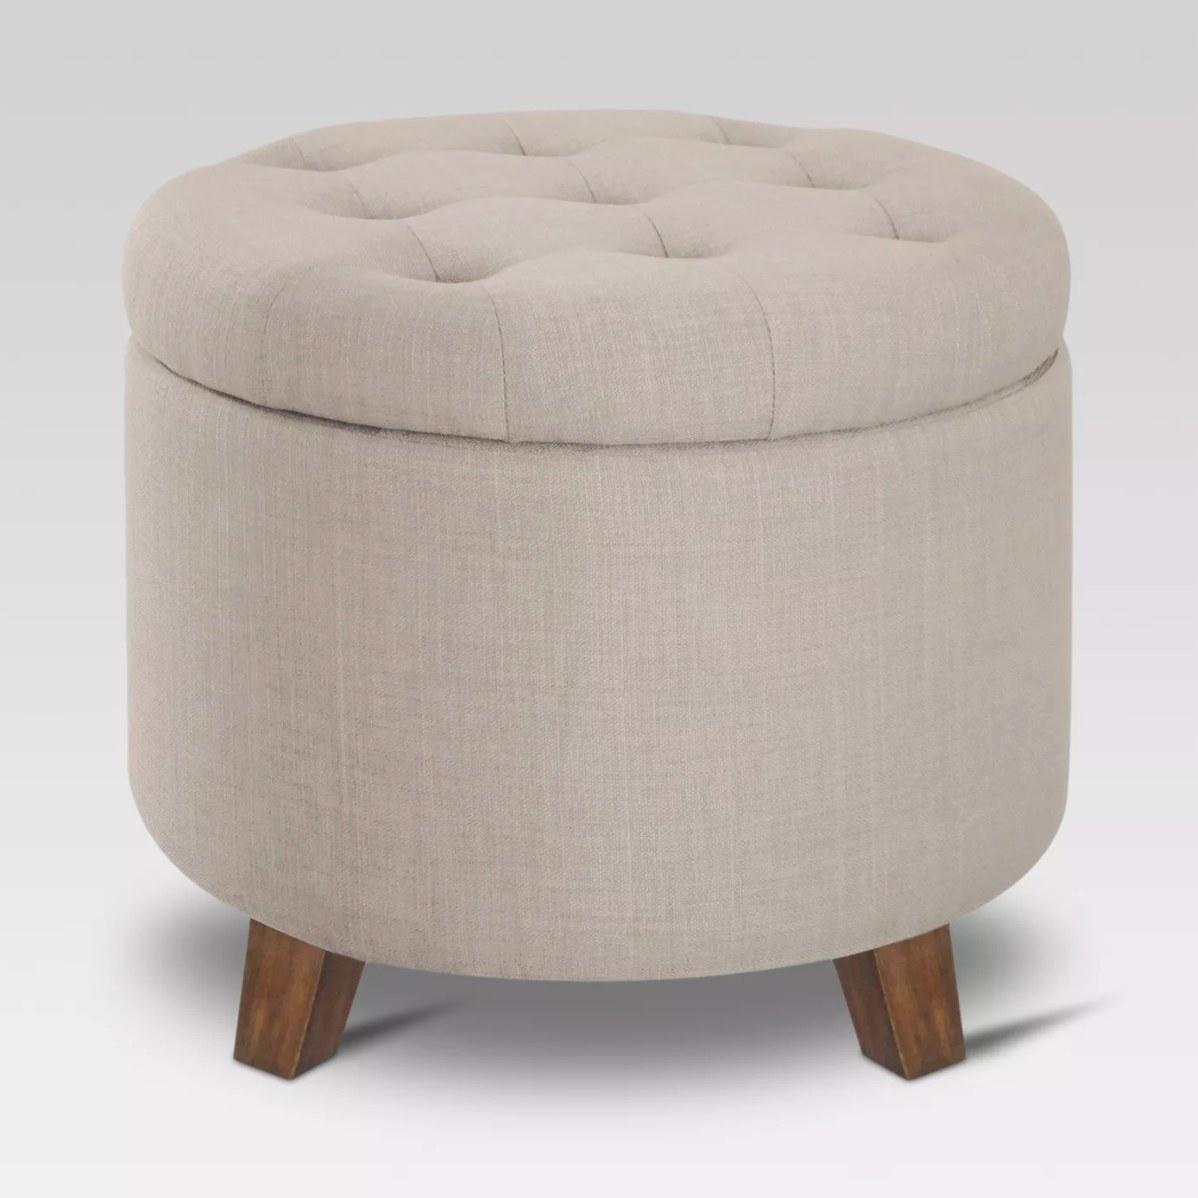 the round storage ottoman in cream